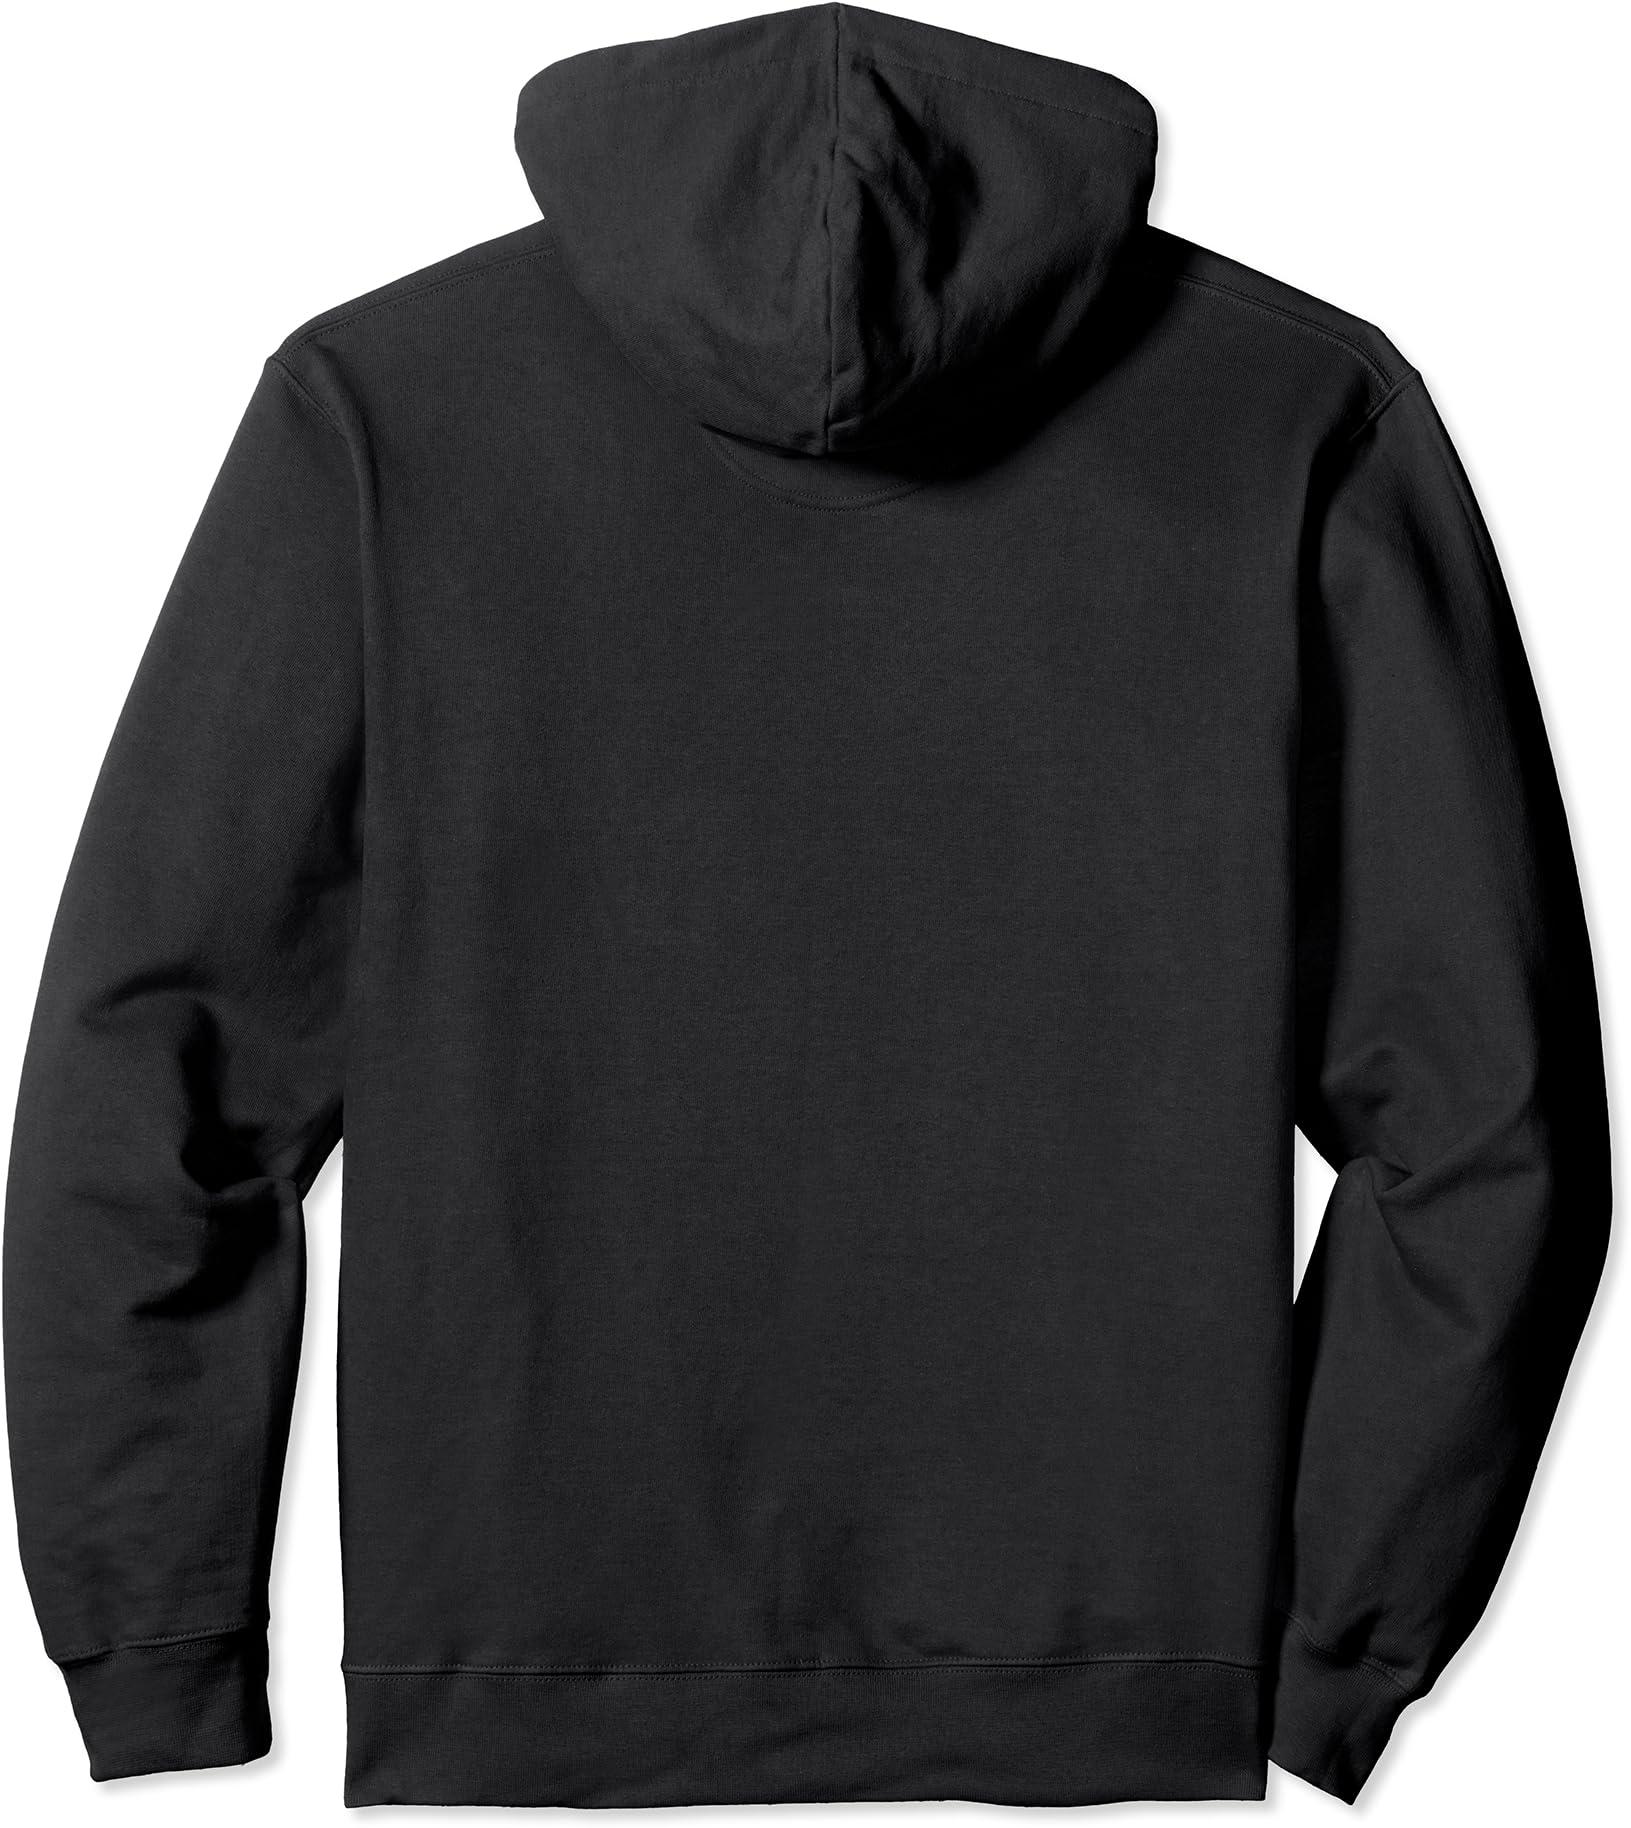 Solid Red Sigil of Baphomet Pullover Hoodie Sweatshirt Inverted Pentagram Metal